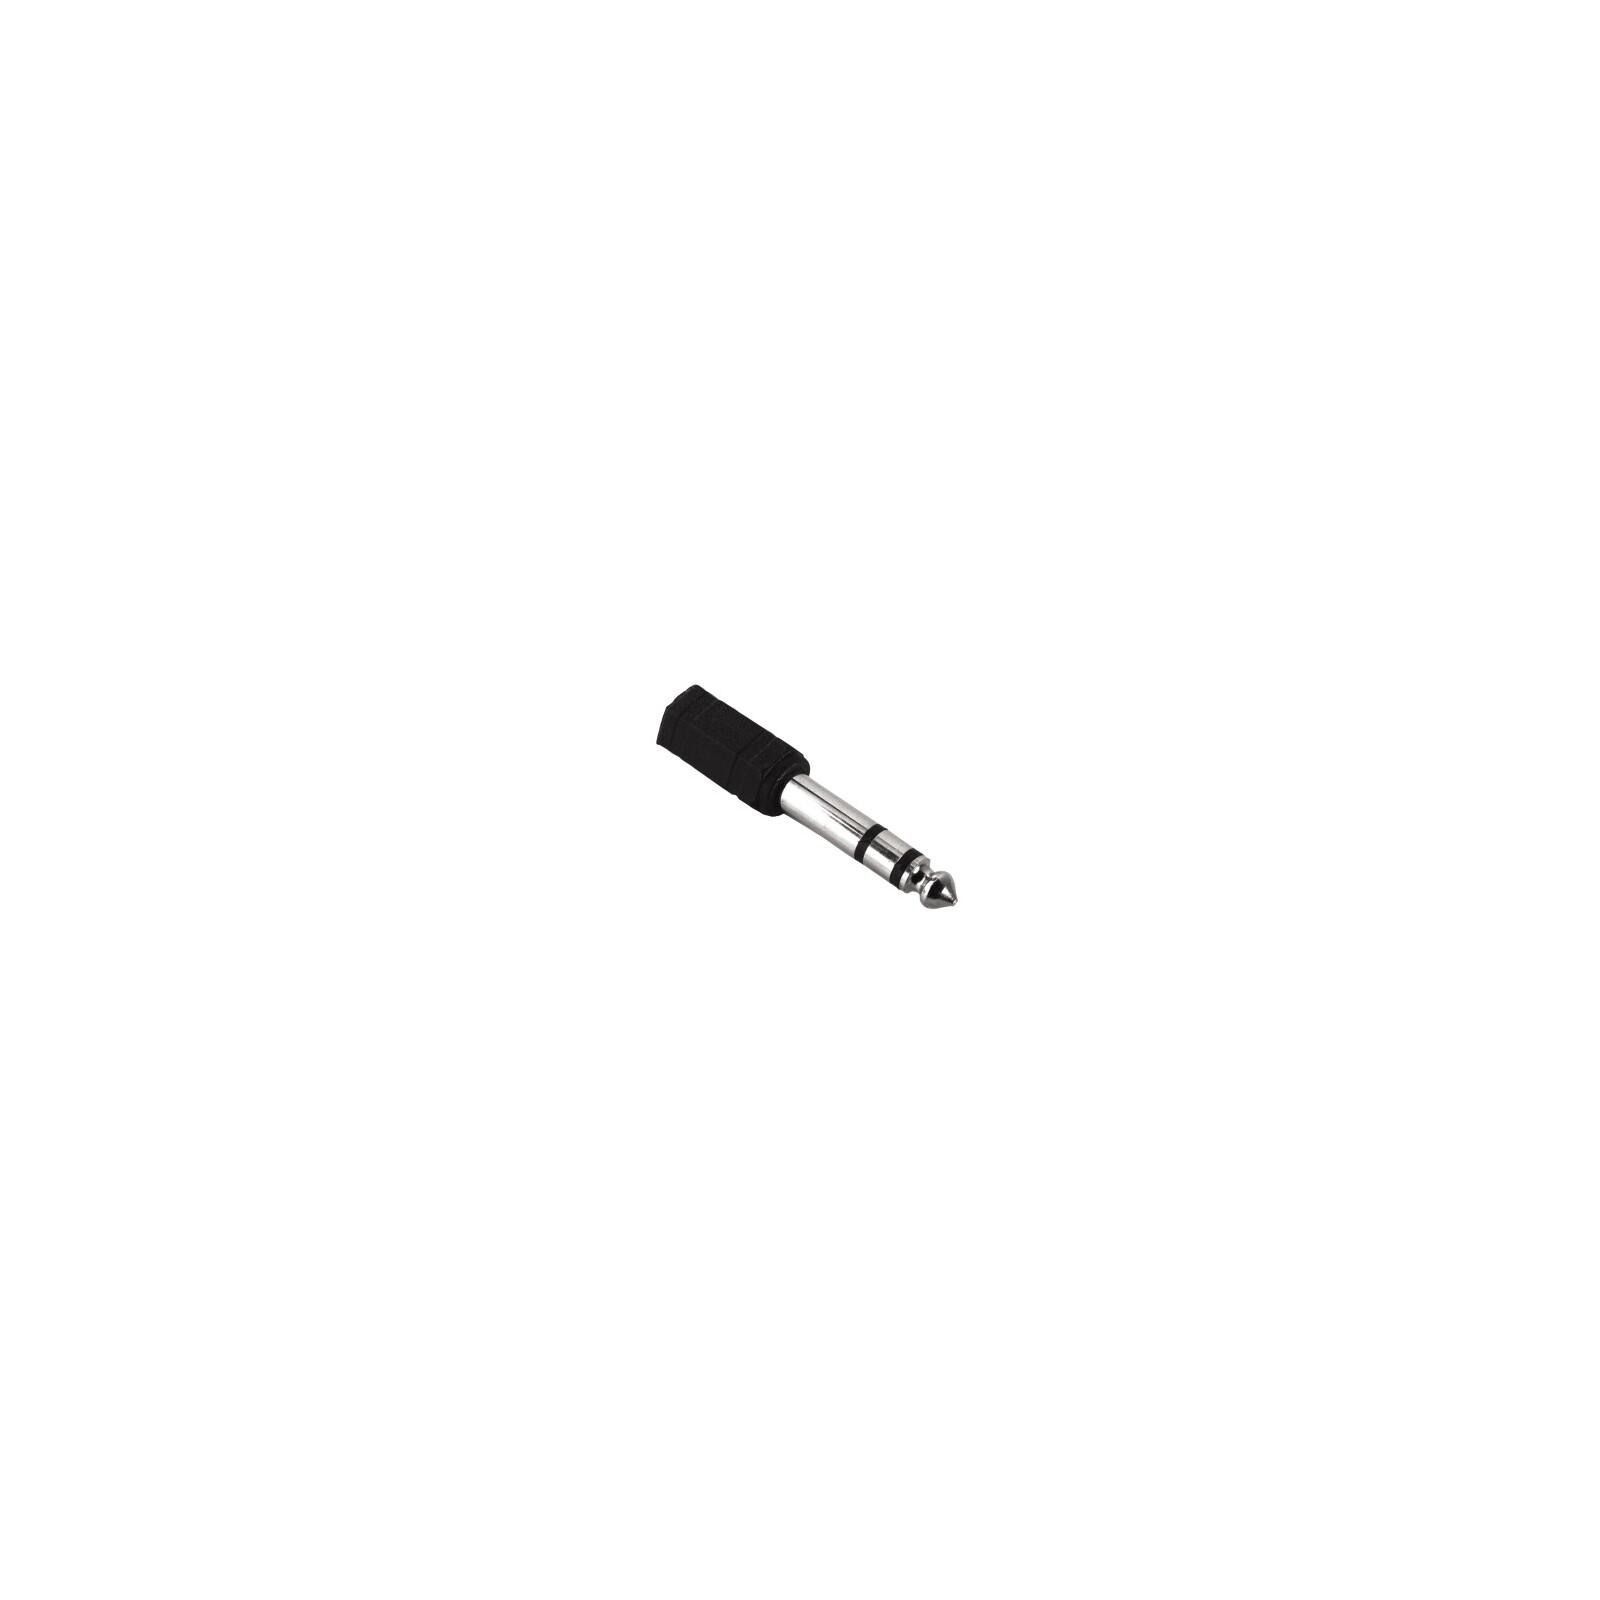 Hama 122386 Audio-Adapter 3,5mm Klinken-Kupplung